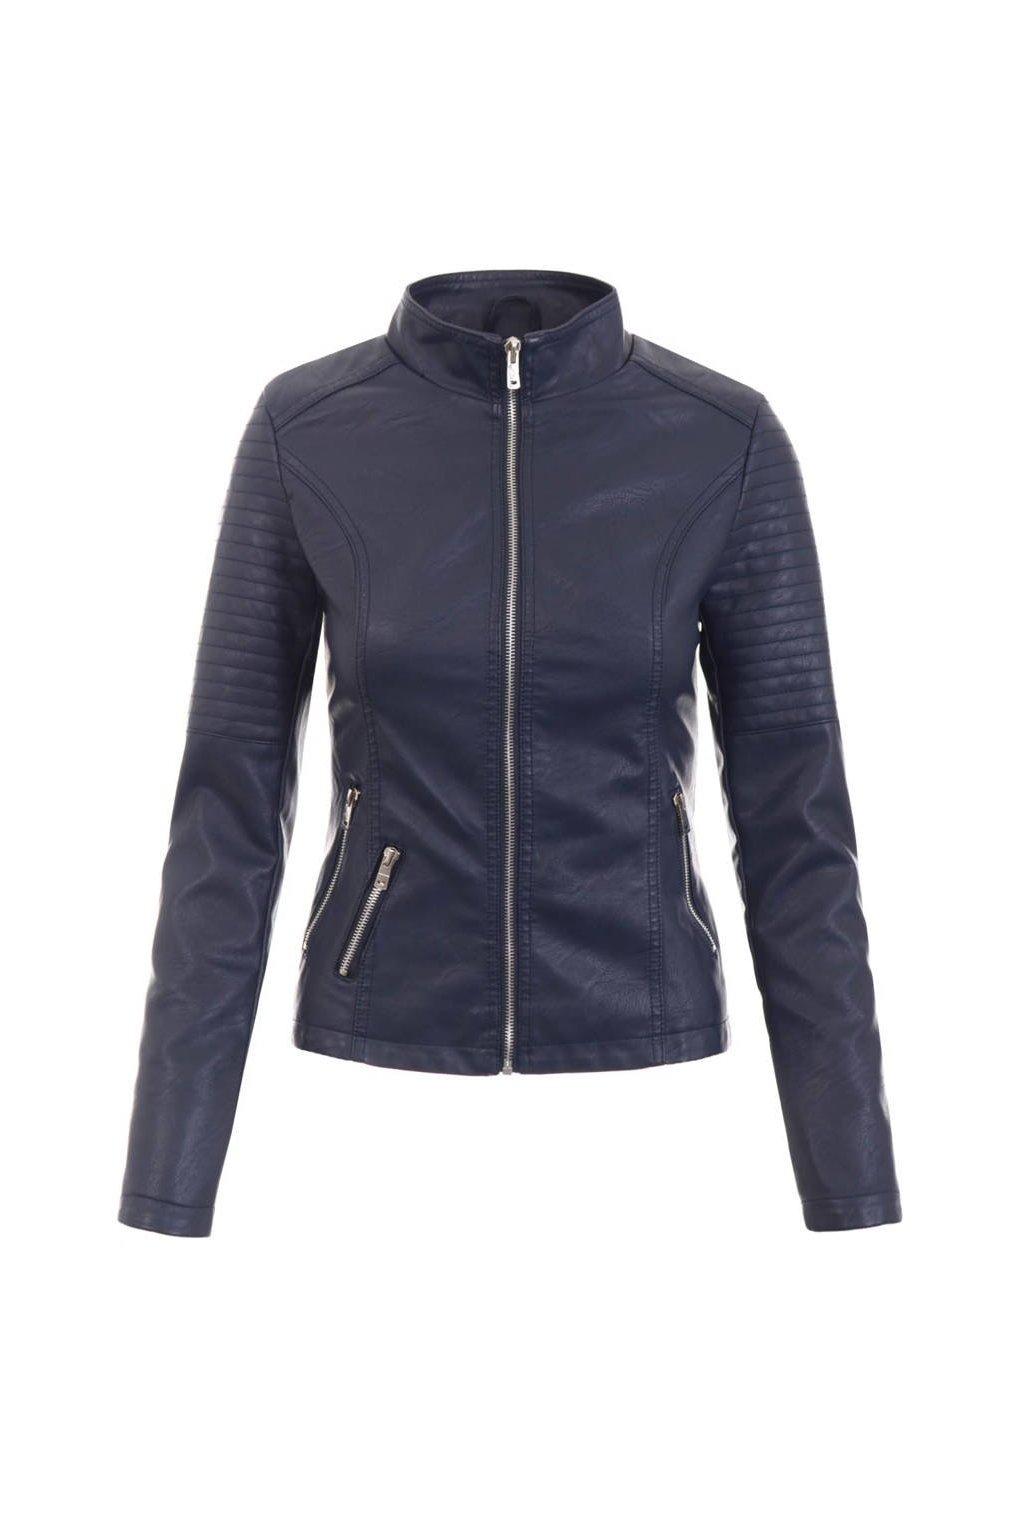 Dámska kožená bunda 5514 modrá